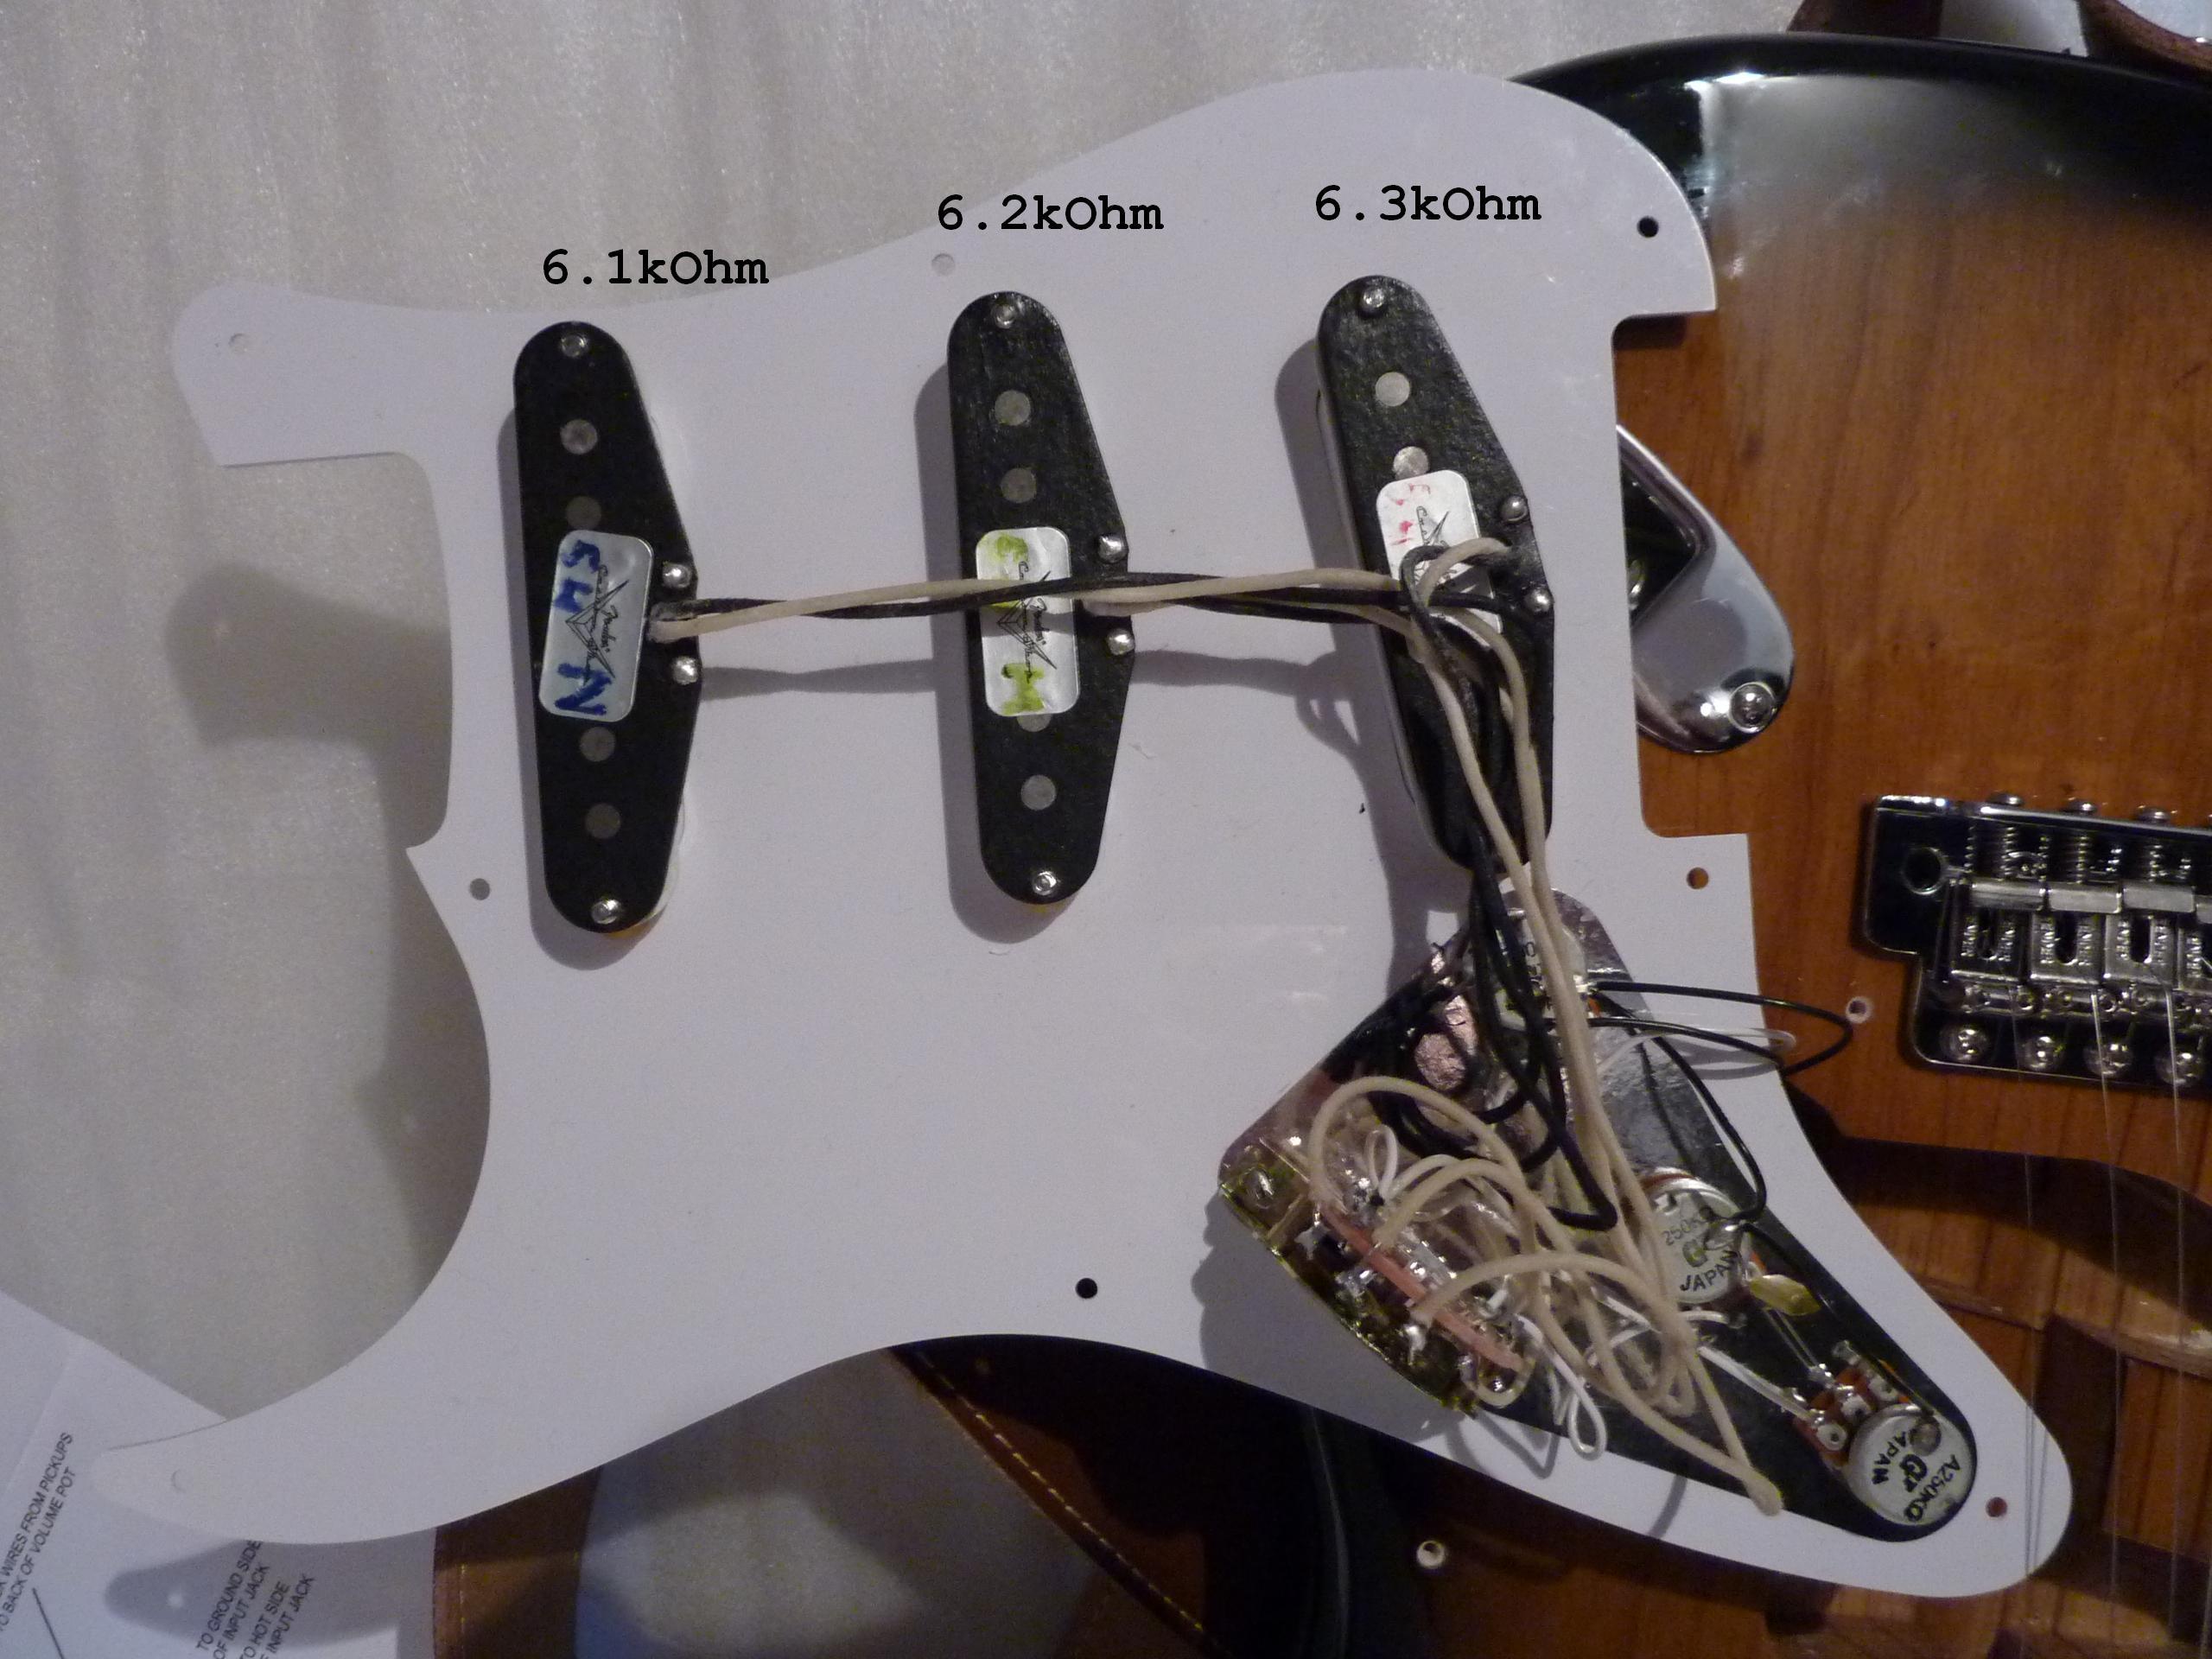 fender-custom-shop-custom-54-stratocaster-pickups-976615 Fender Strat Wiring Diagram Pickup on